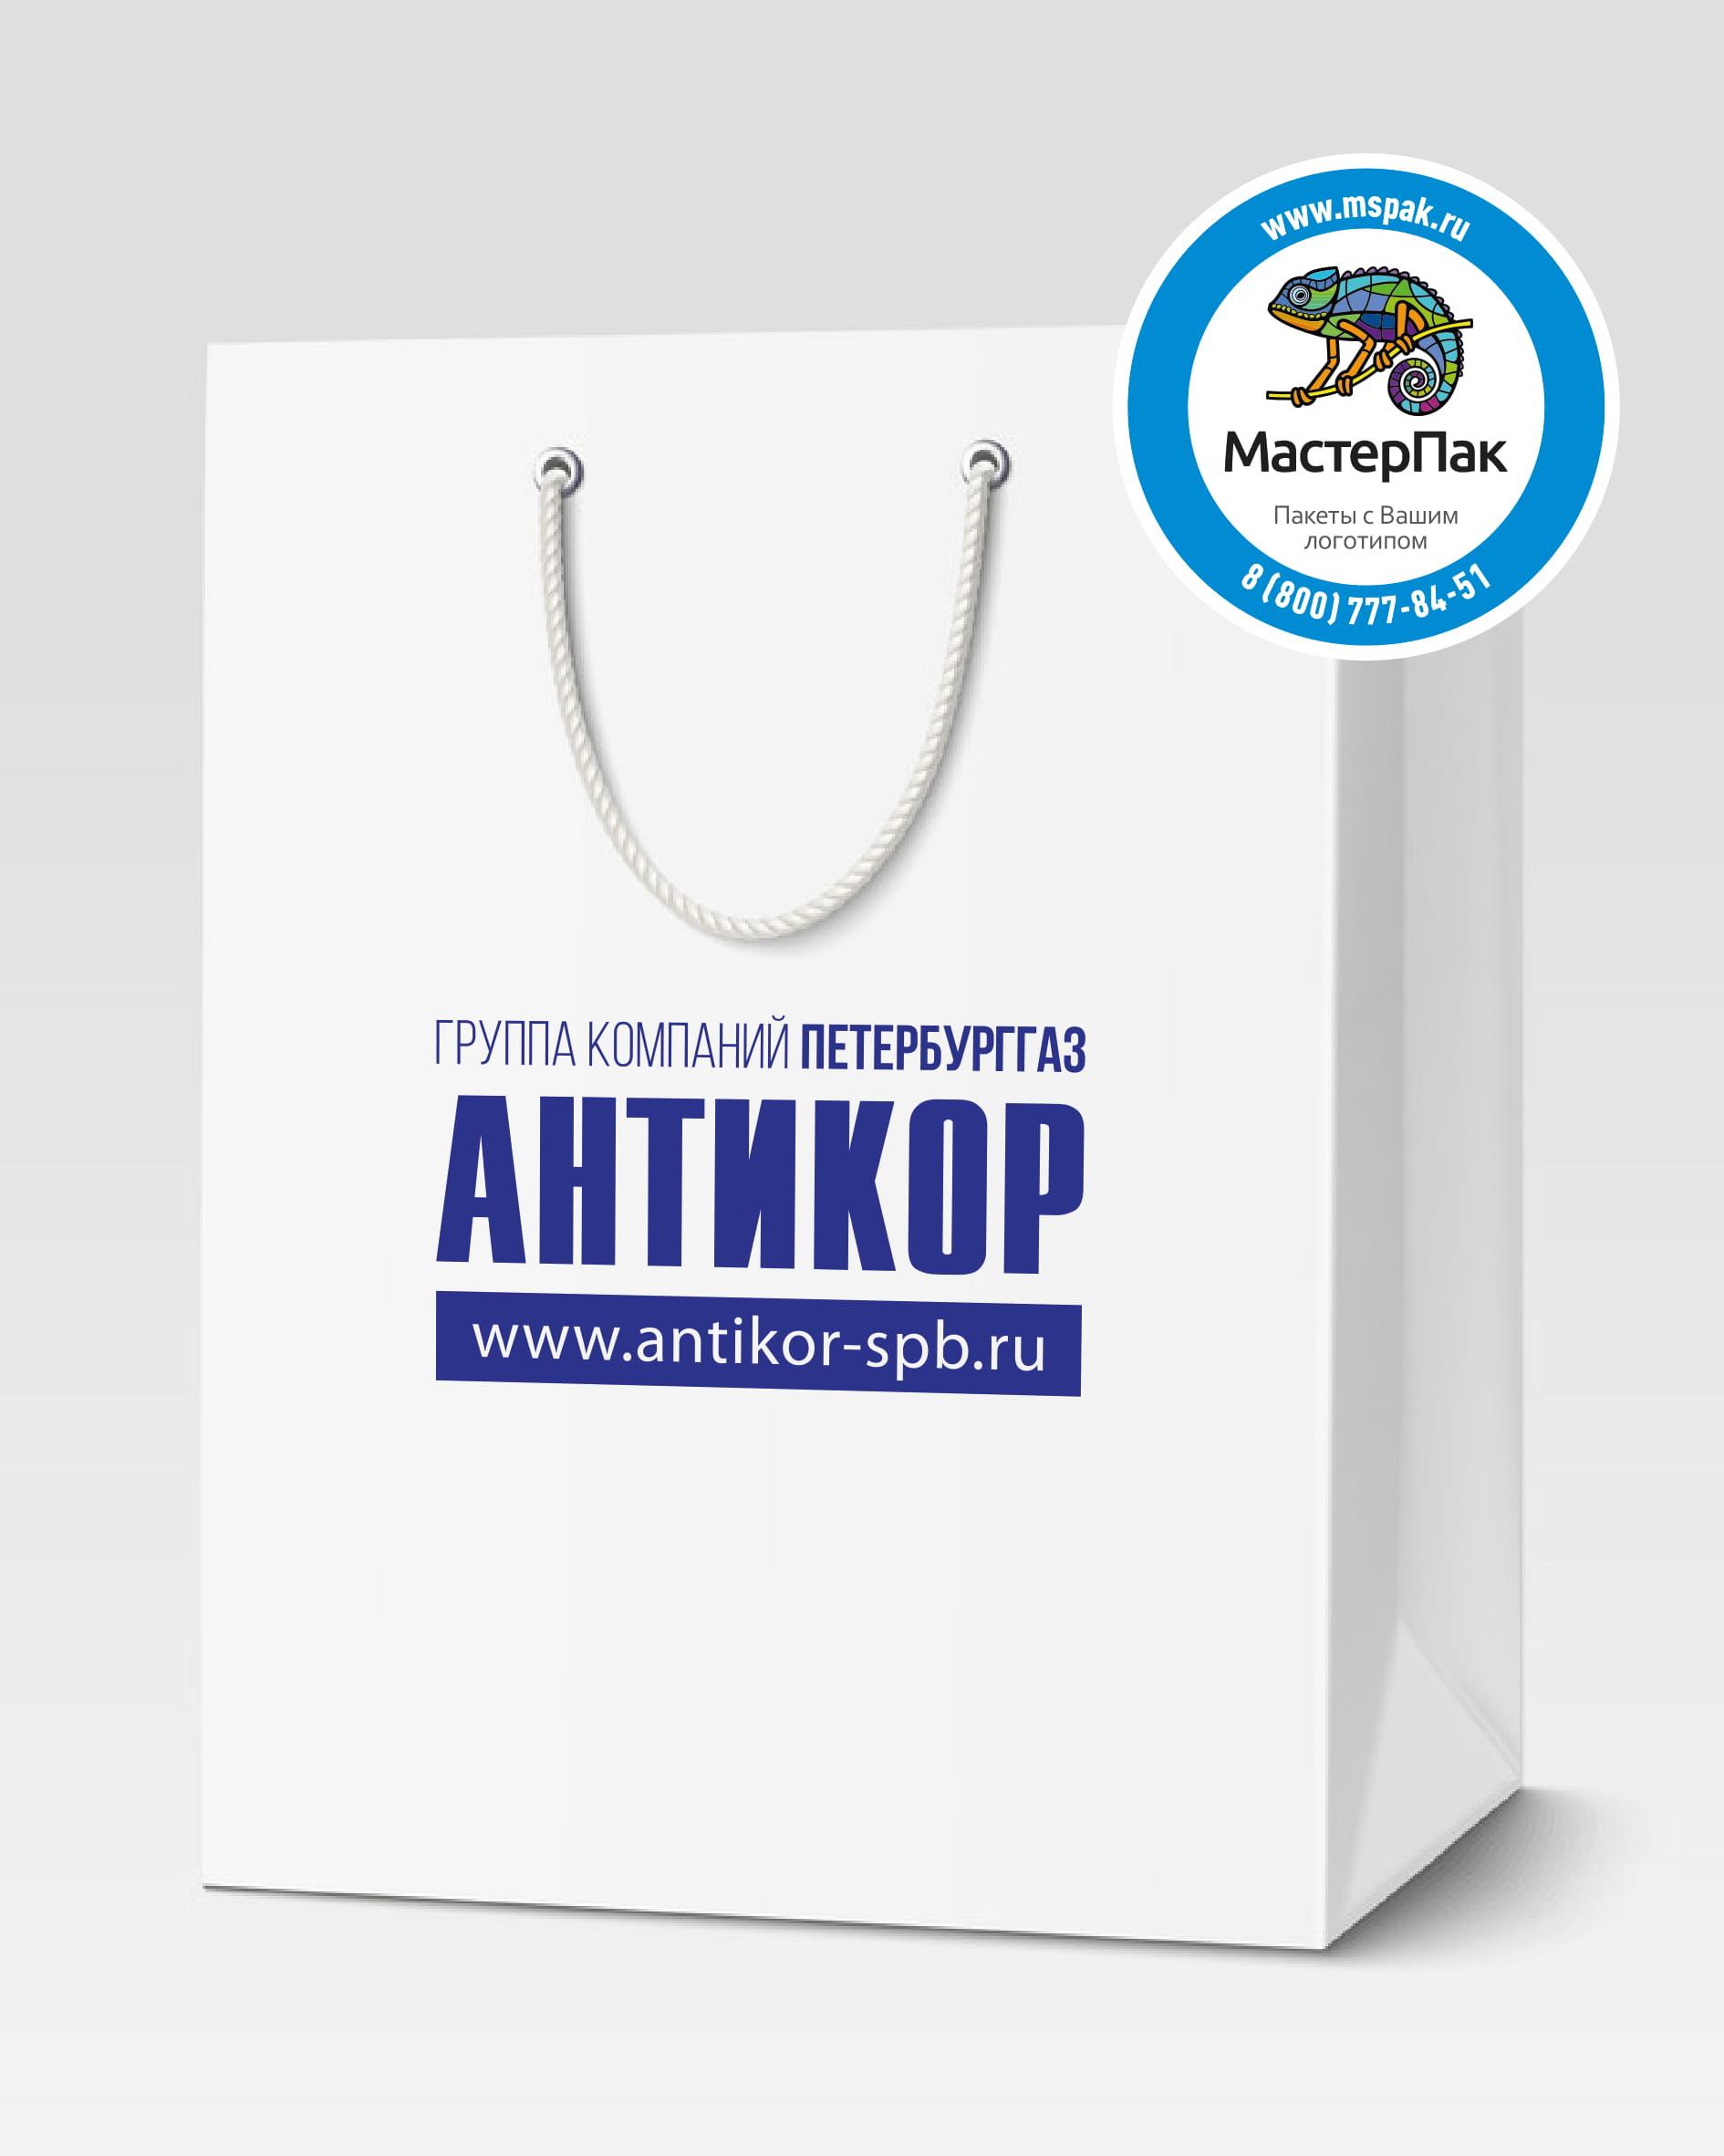 Пакет подарочный, бумажный с логотипом Антикор, 30*40, ручки-шнурки